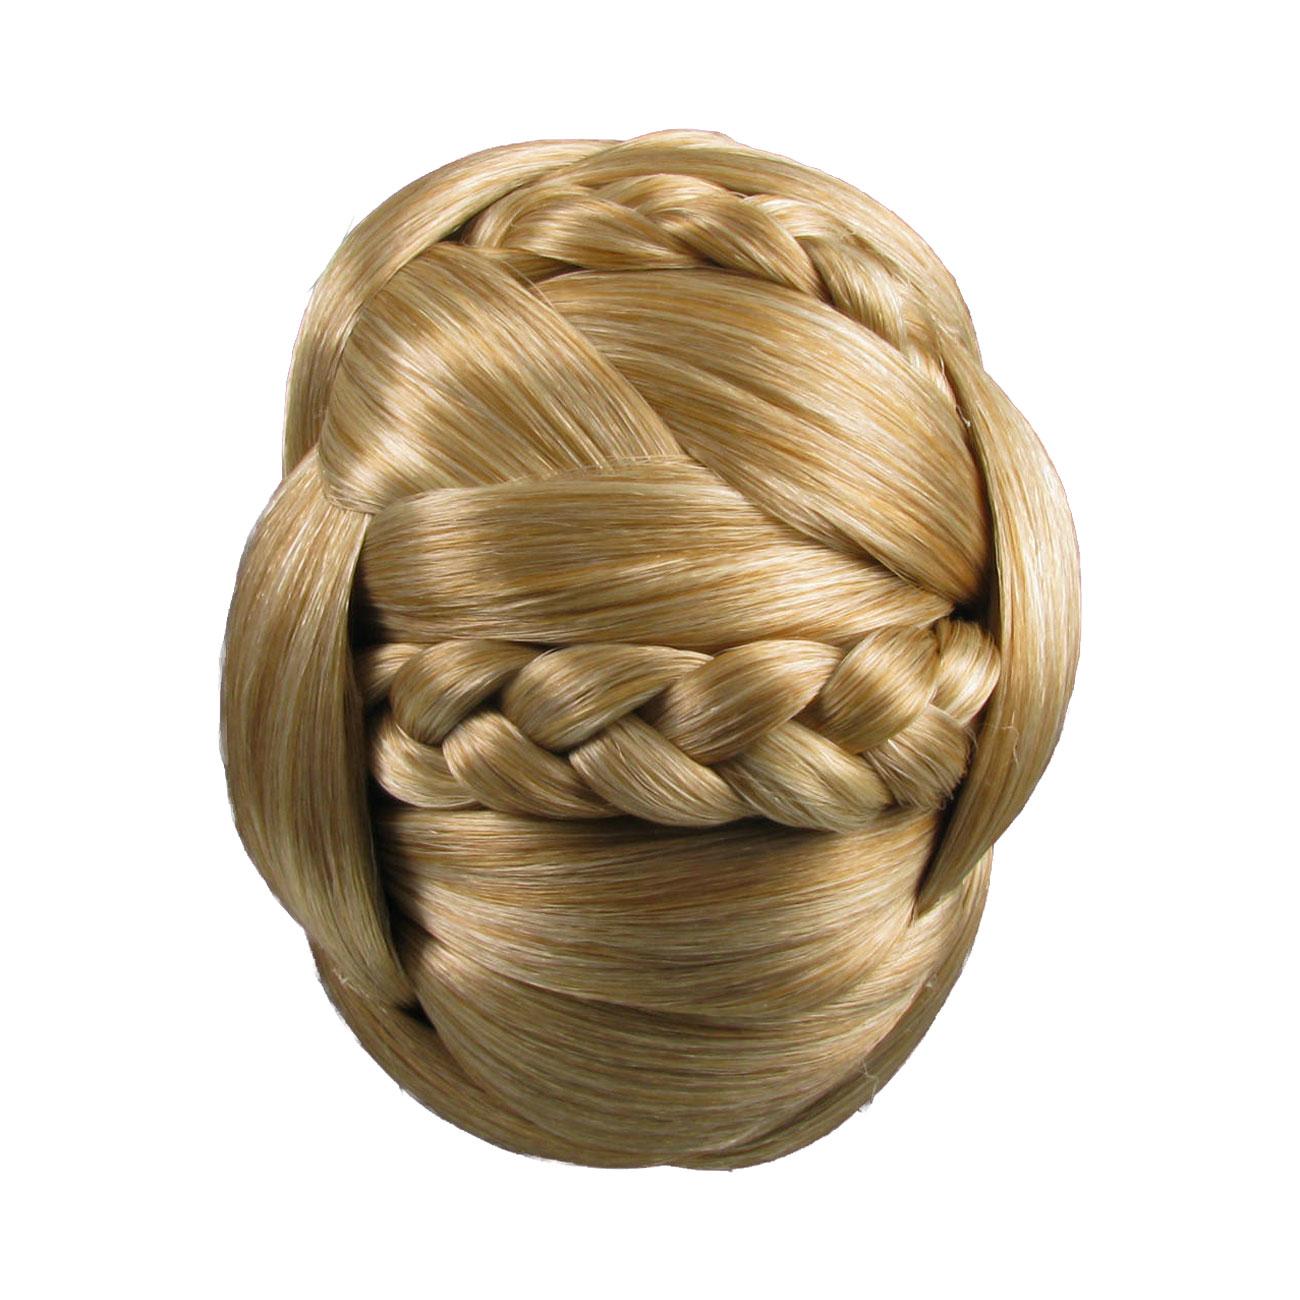 Braided Hair Bun Piece Hair Piece Chignon Braided